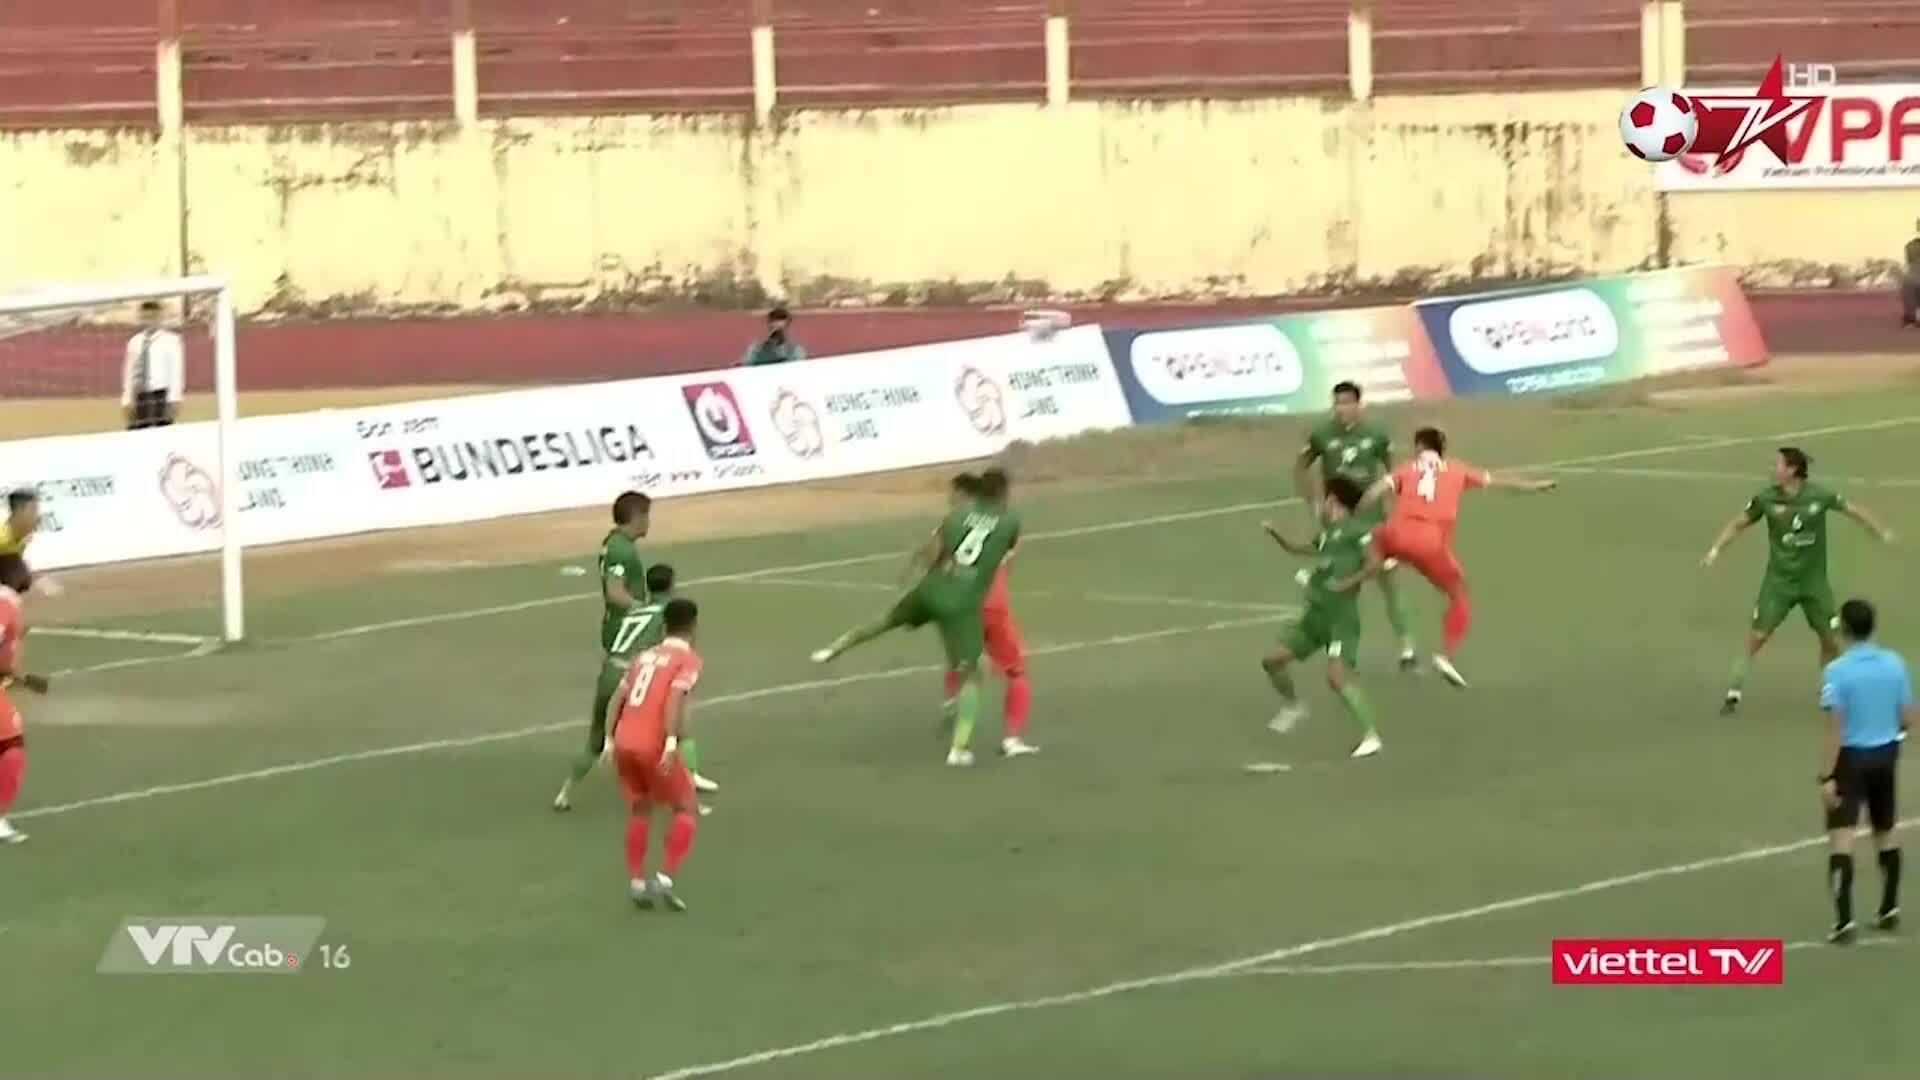 Binh Dinh 1-0 Saigon